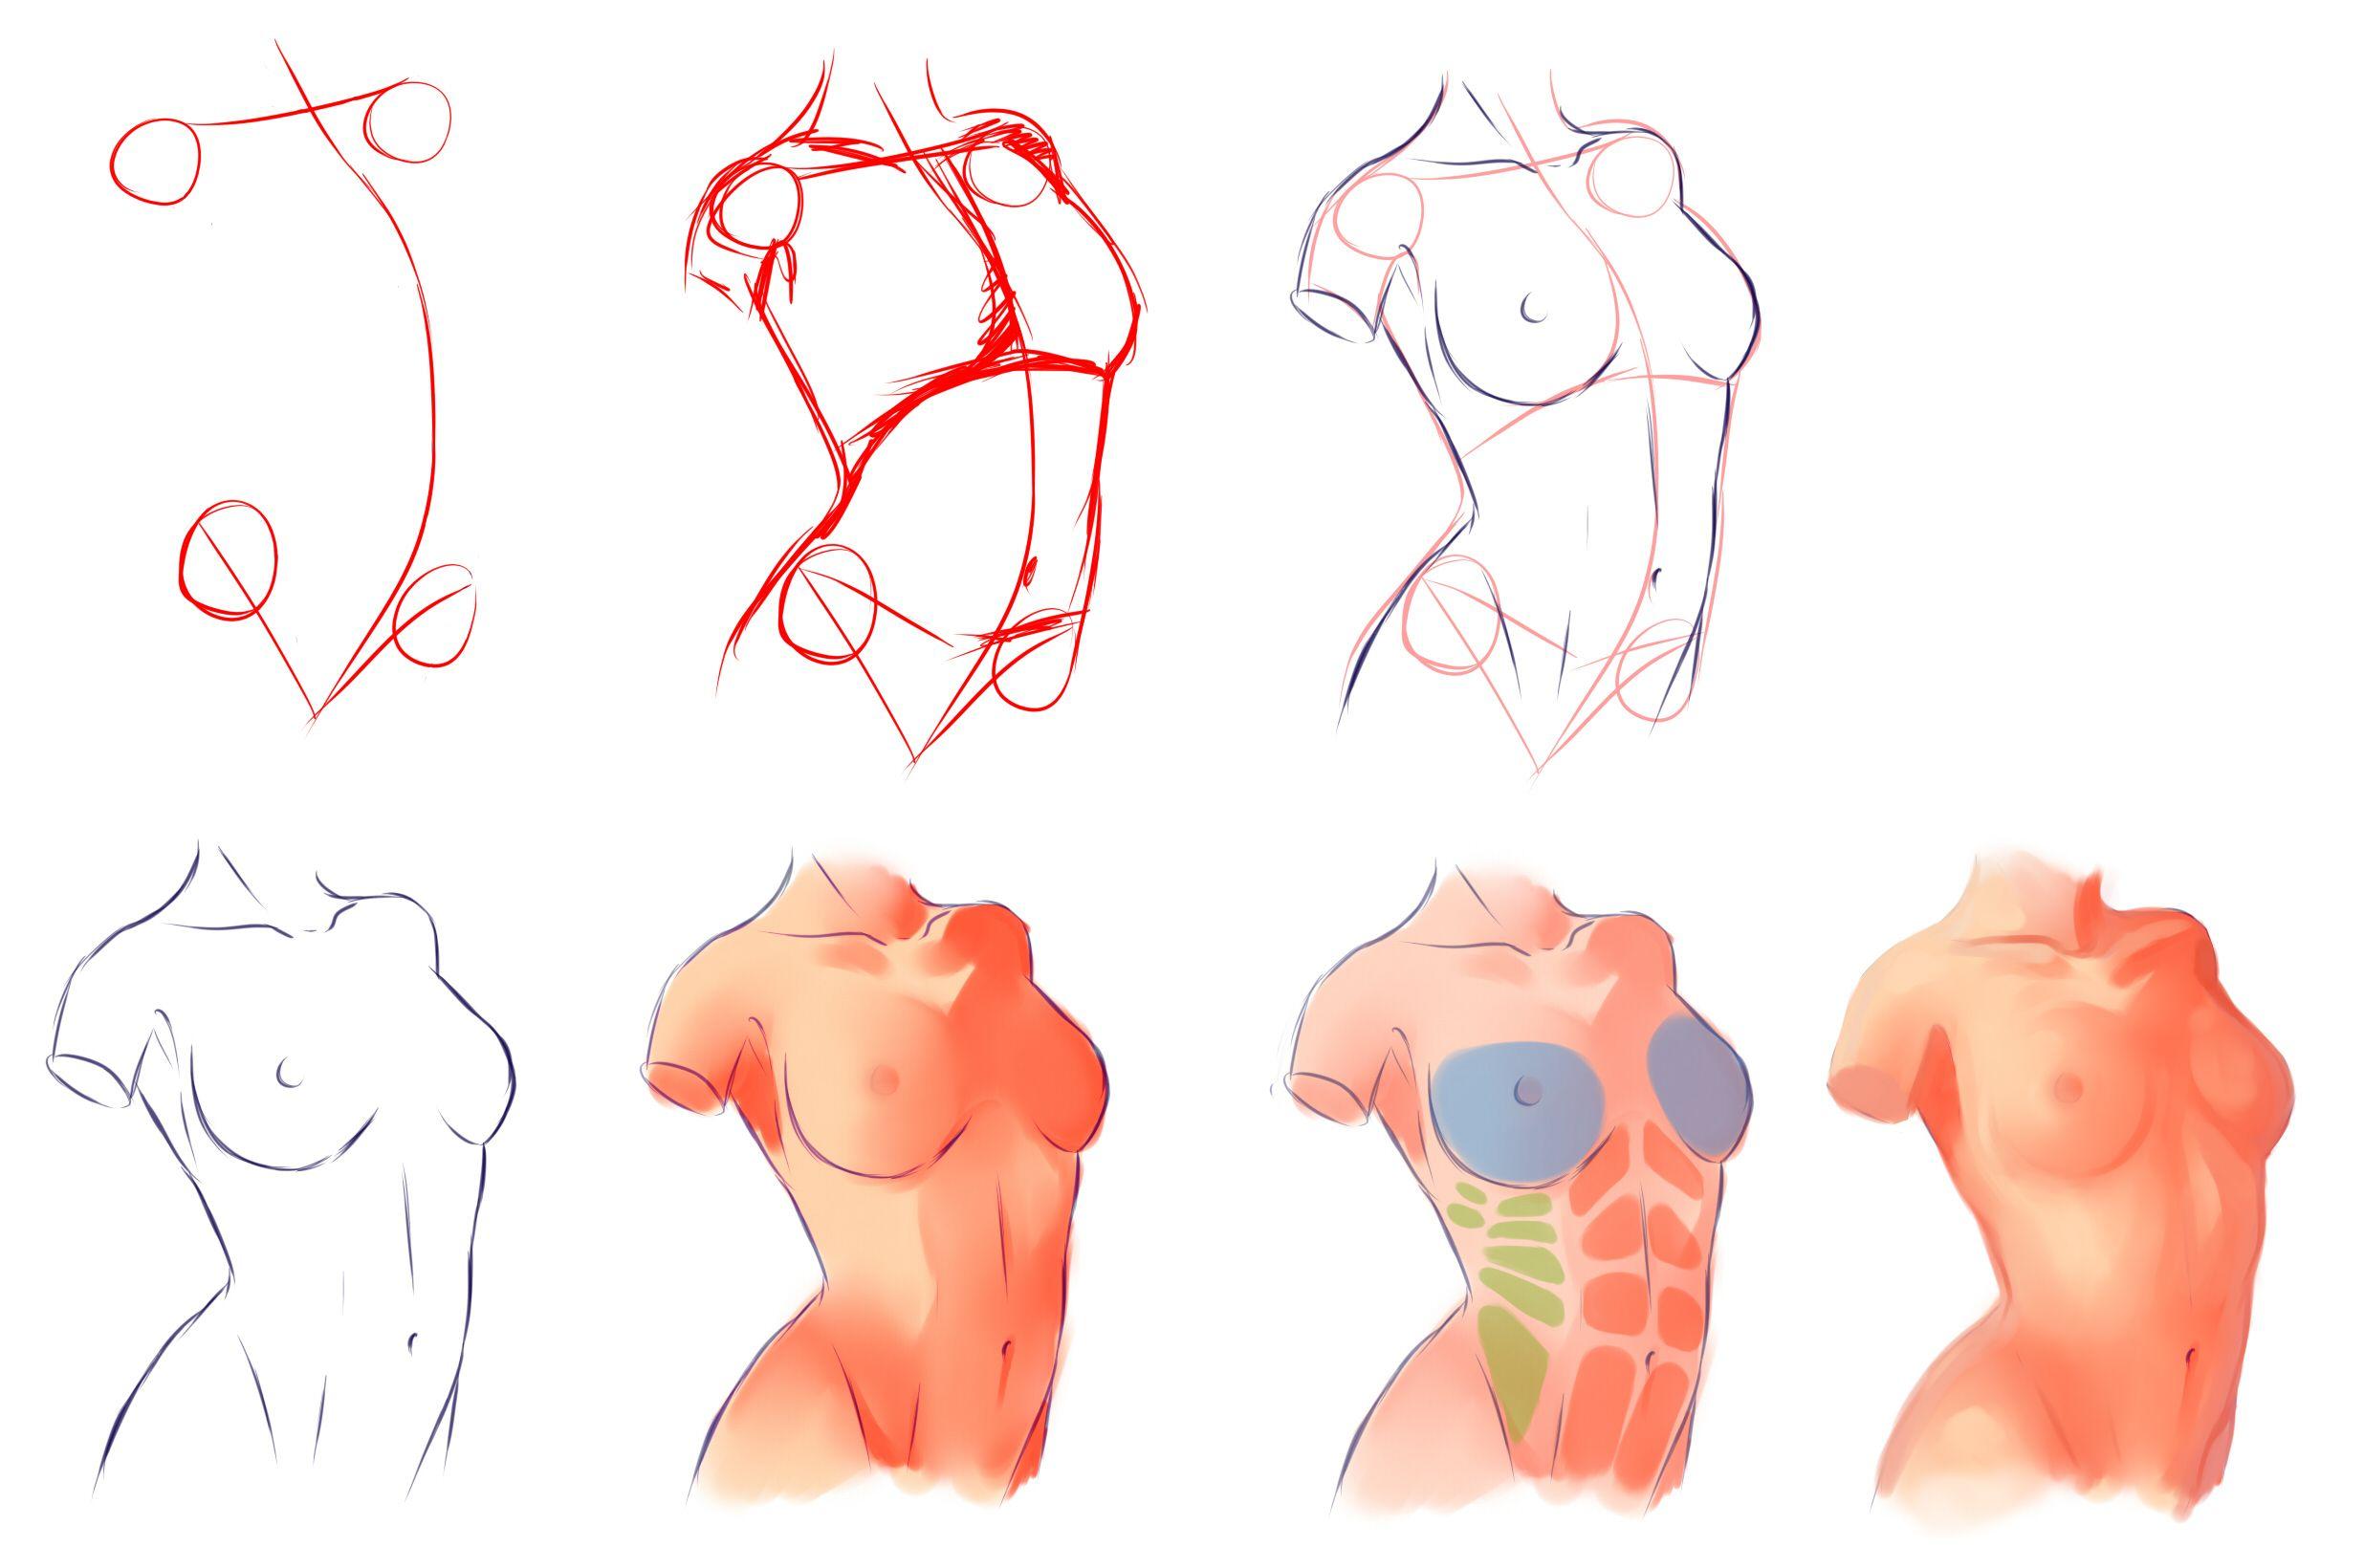 人体结构参考合辑 - 优动漫